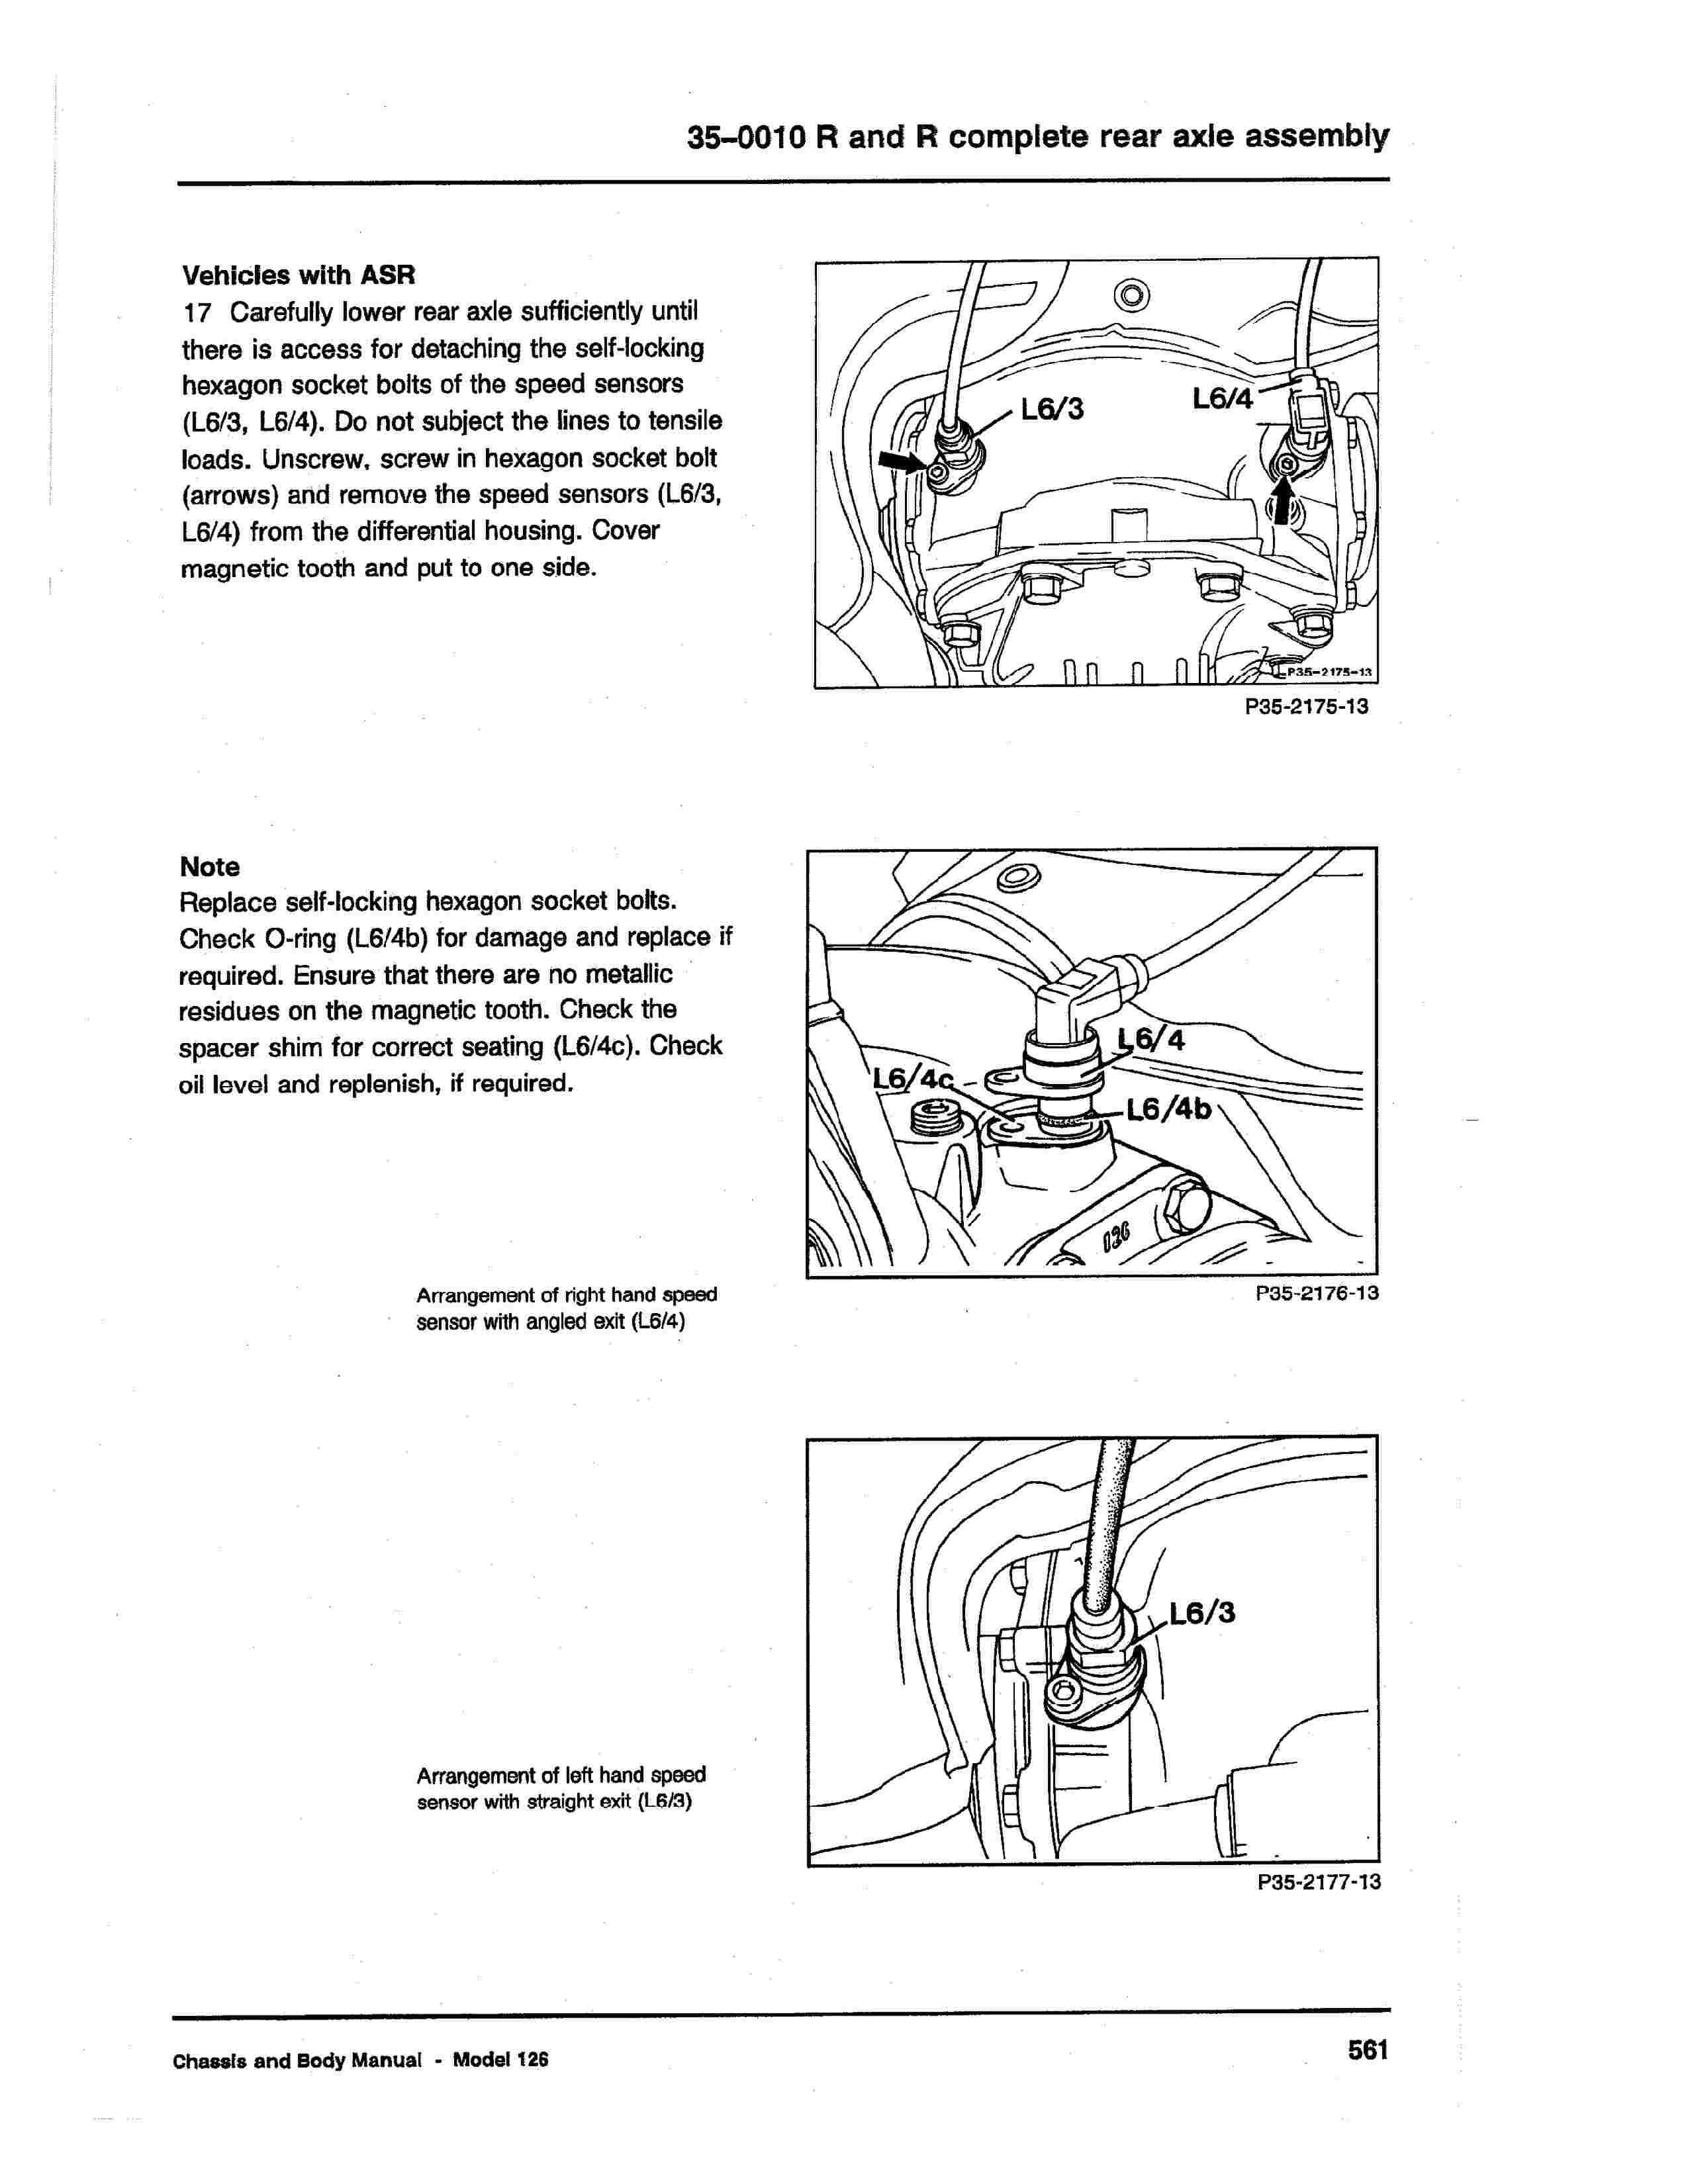 (W126): Diagrama completo da suspensão traseira  0010_126